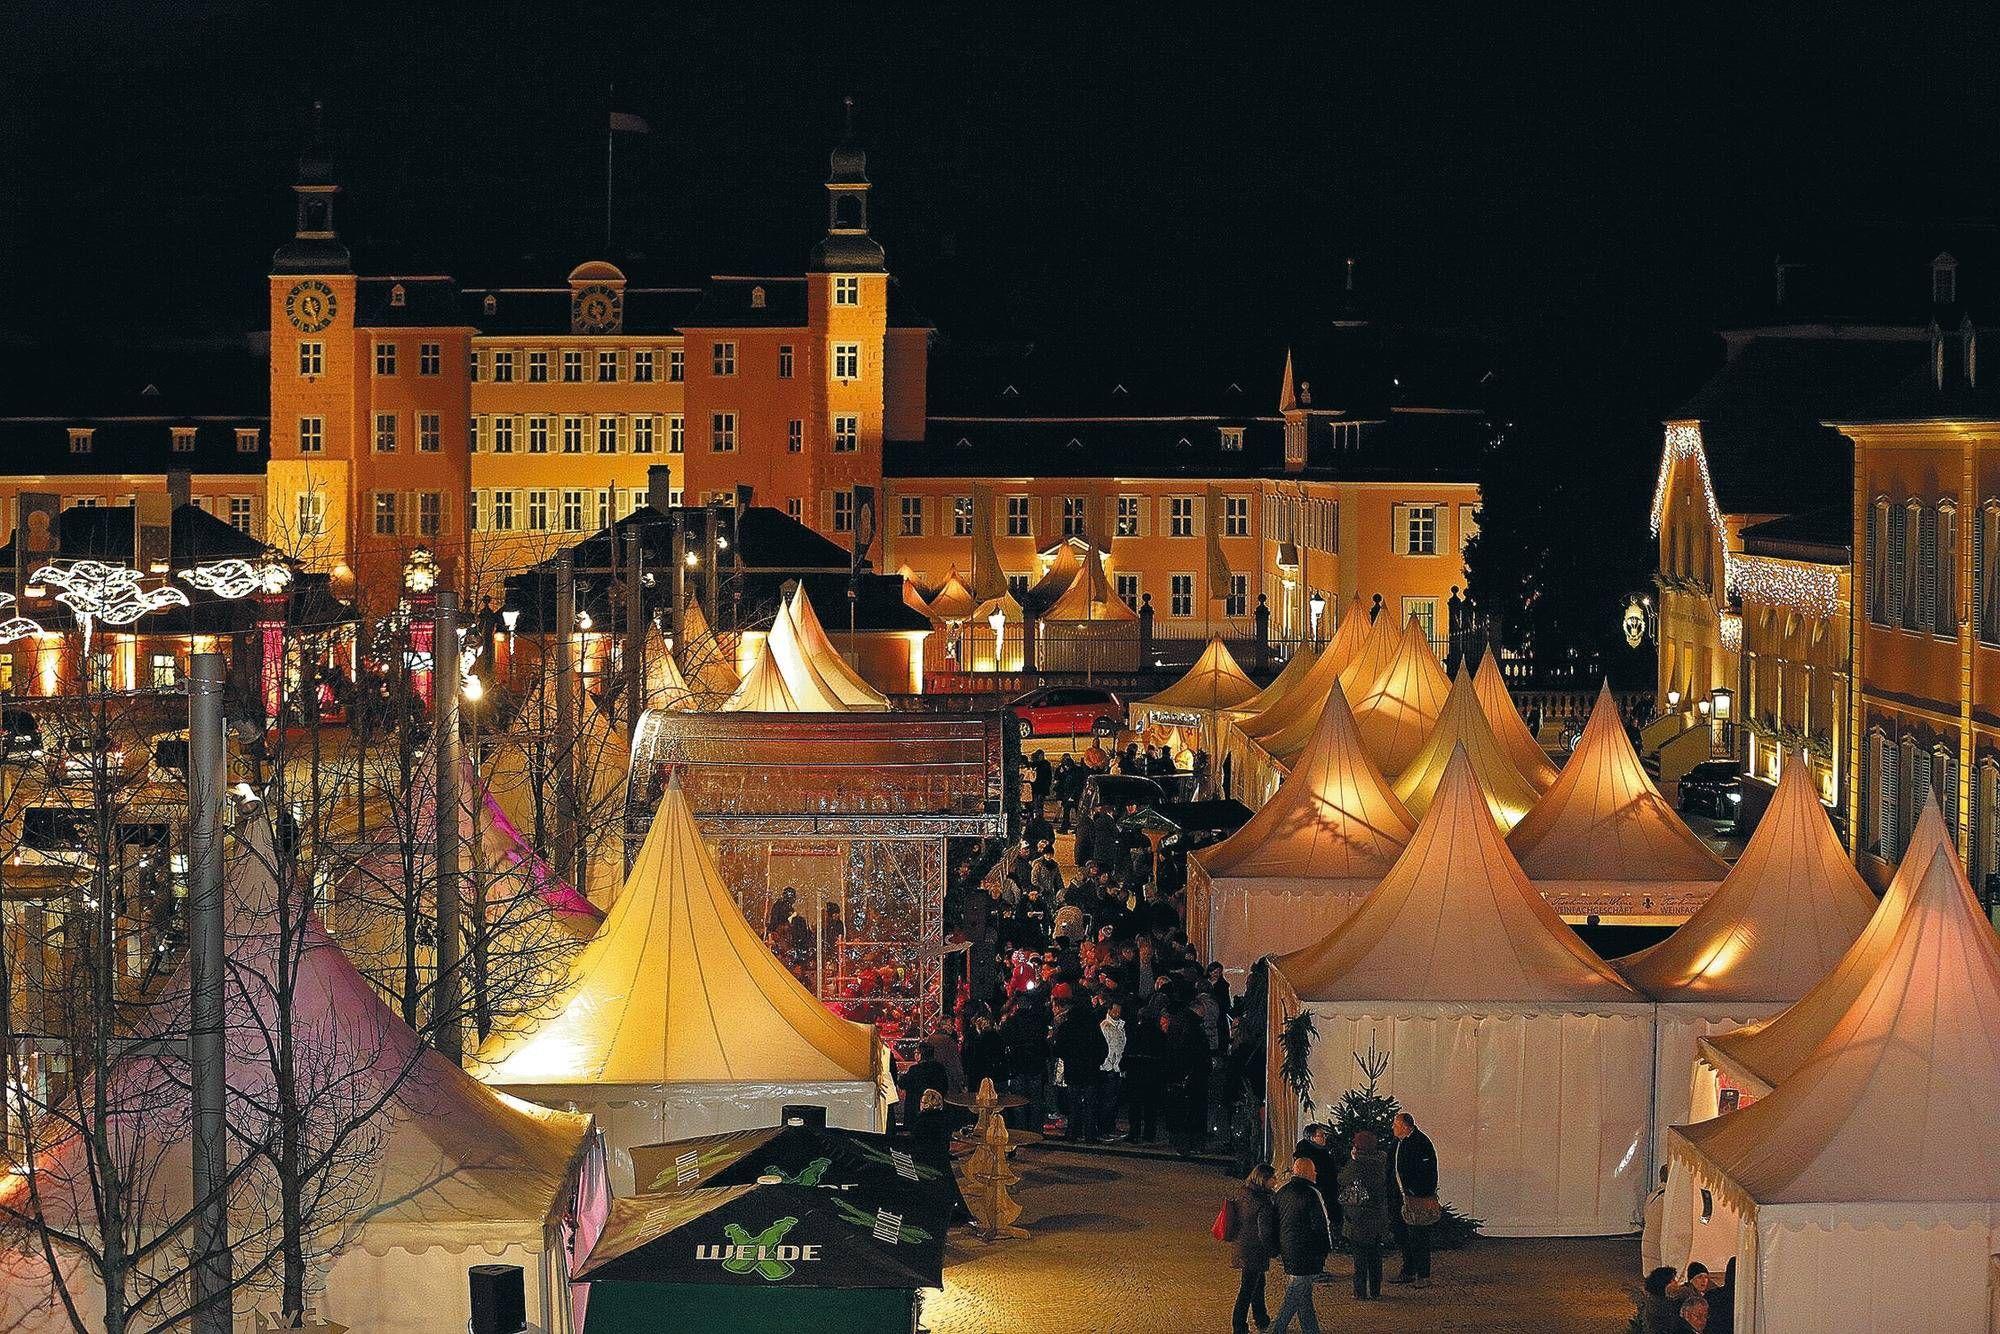 Weihnachtsmarkt Schwetzingen.Schwetzinger Weihnachtsmarkt Nur Noch 20 Tage Bis Zum Start